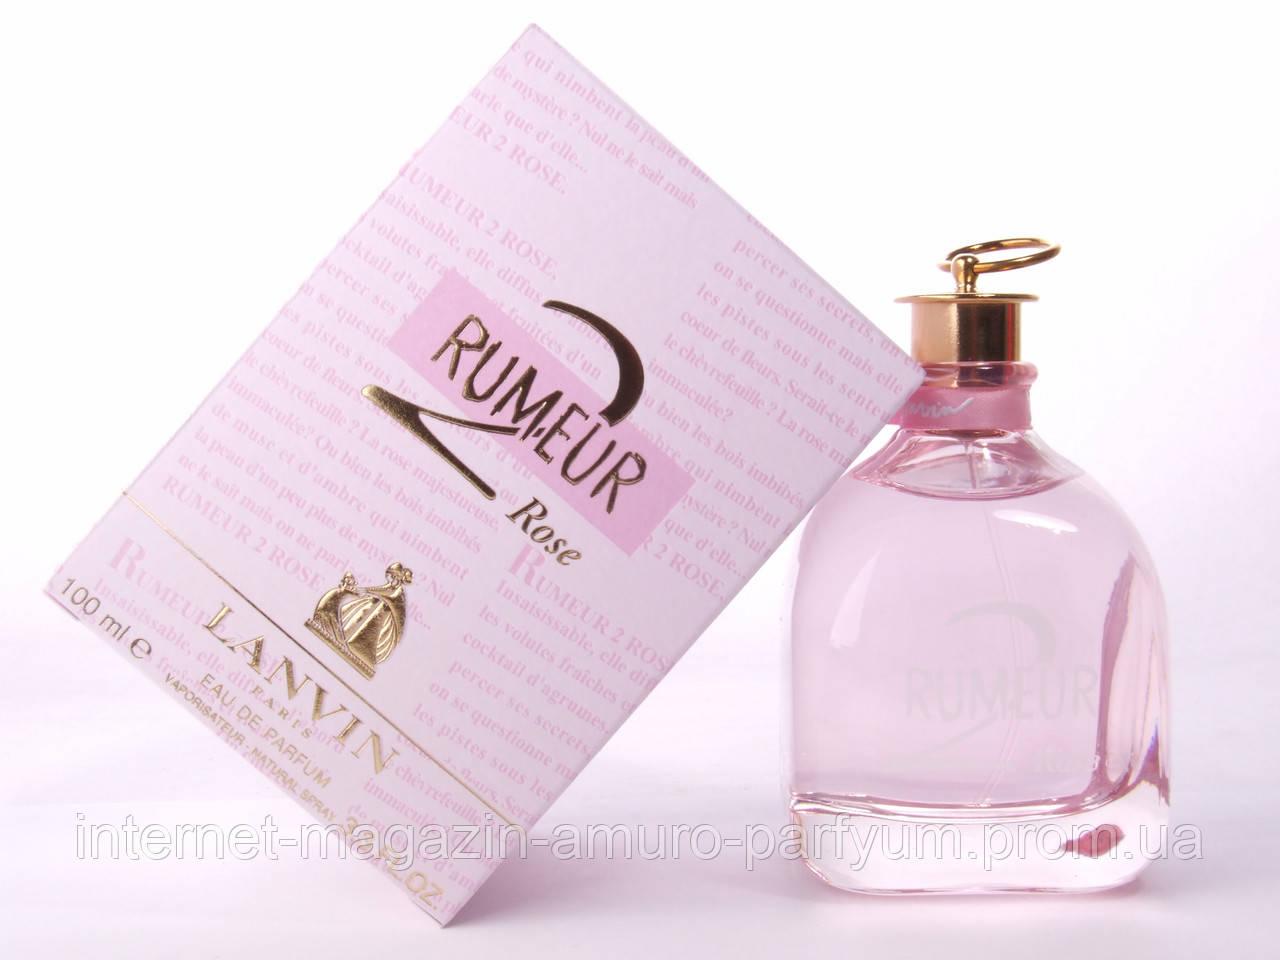 Духи Lanvin Rumeur 2 Rose женские 30мл от Линейрр, фото 1